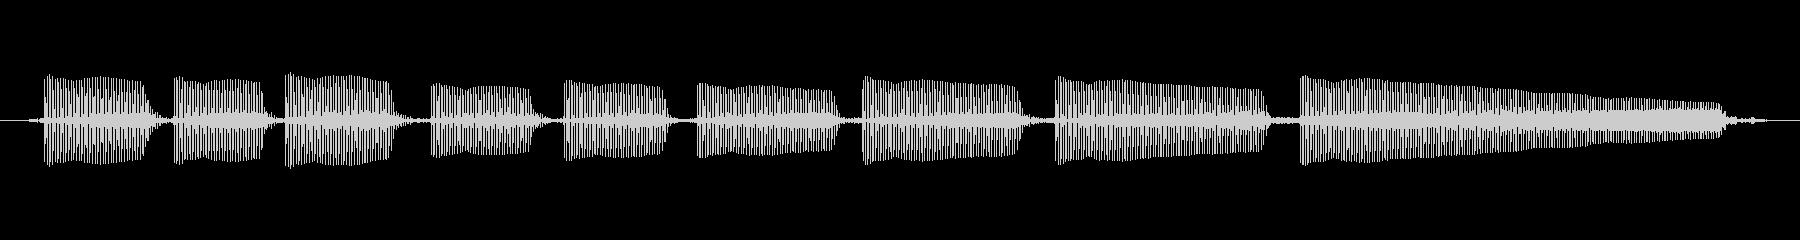 エレキギター4弦チューニング1の未再生の波形